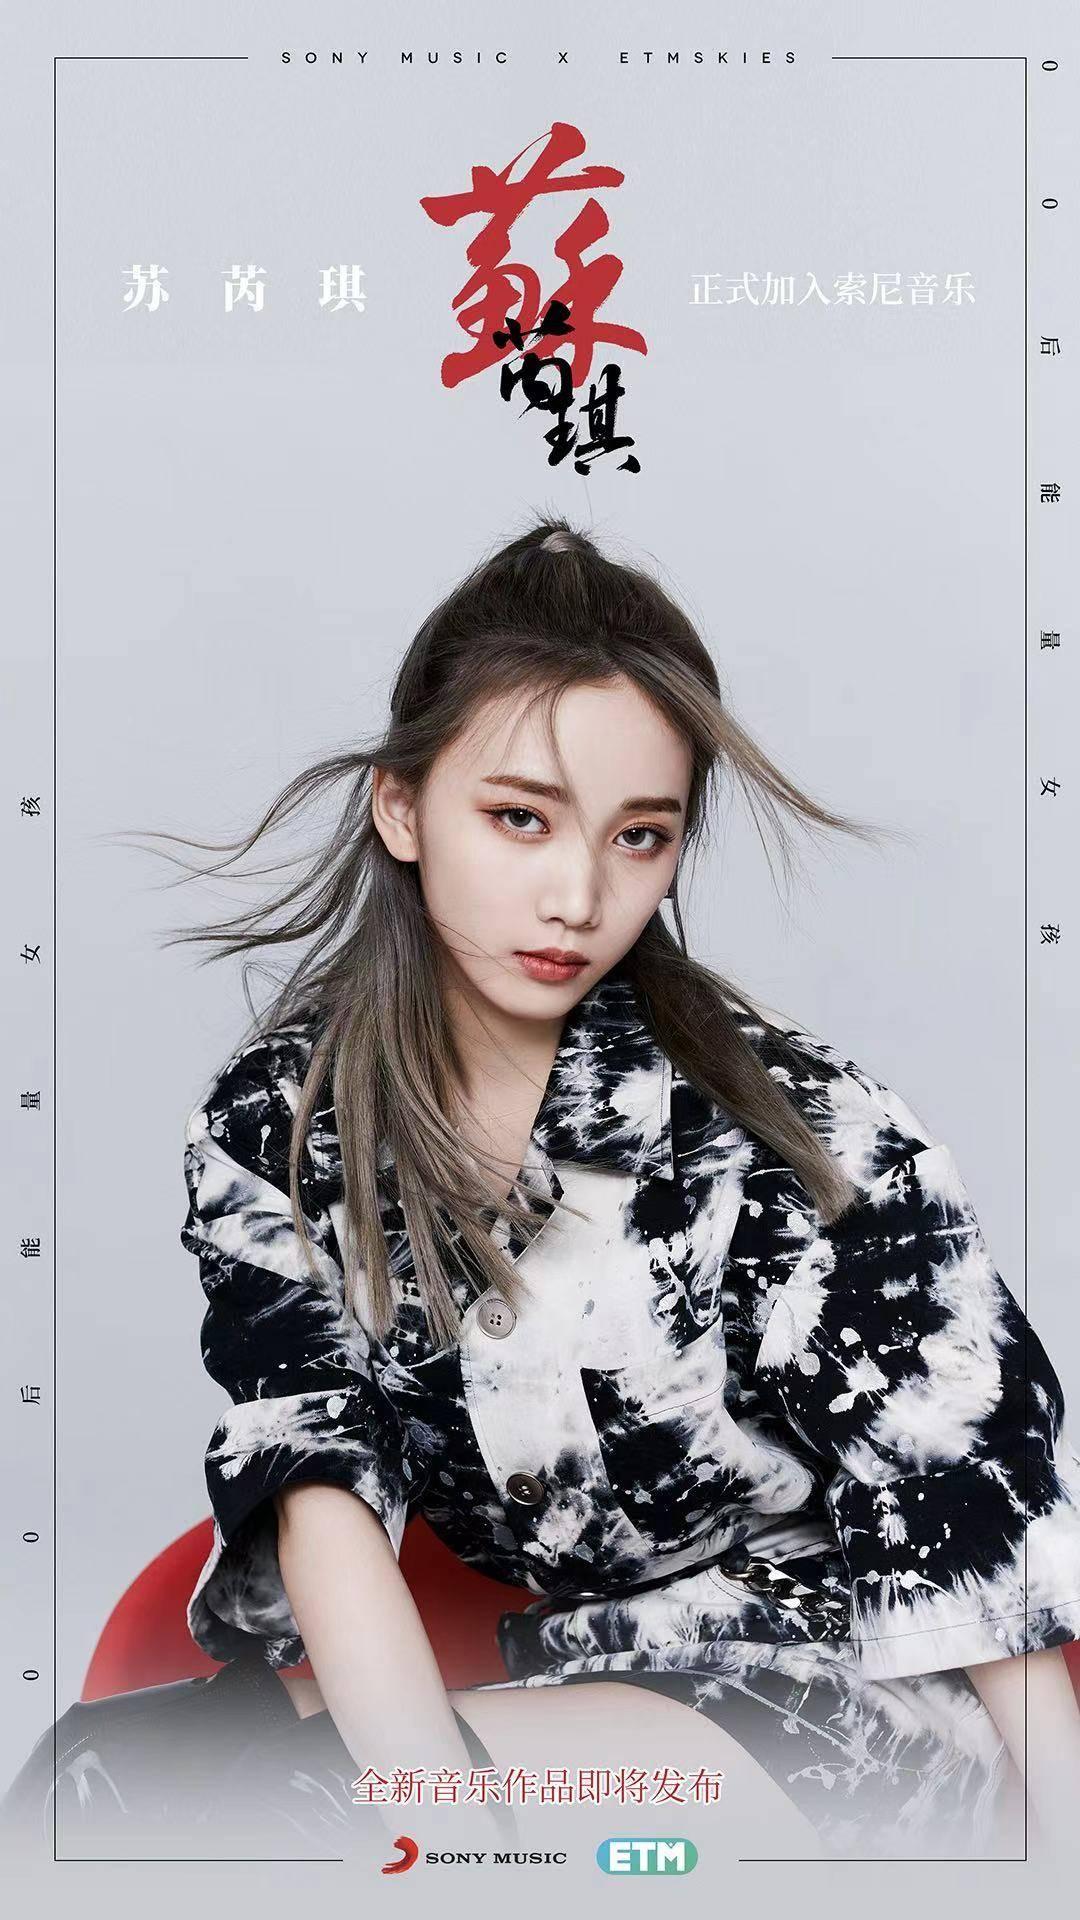 刘人语苏芮琪加入索尼音乐携手开启音乐新篇章